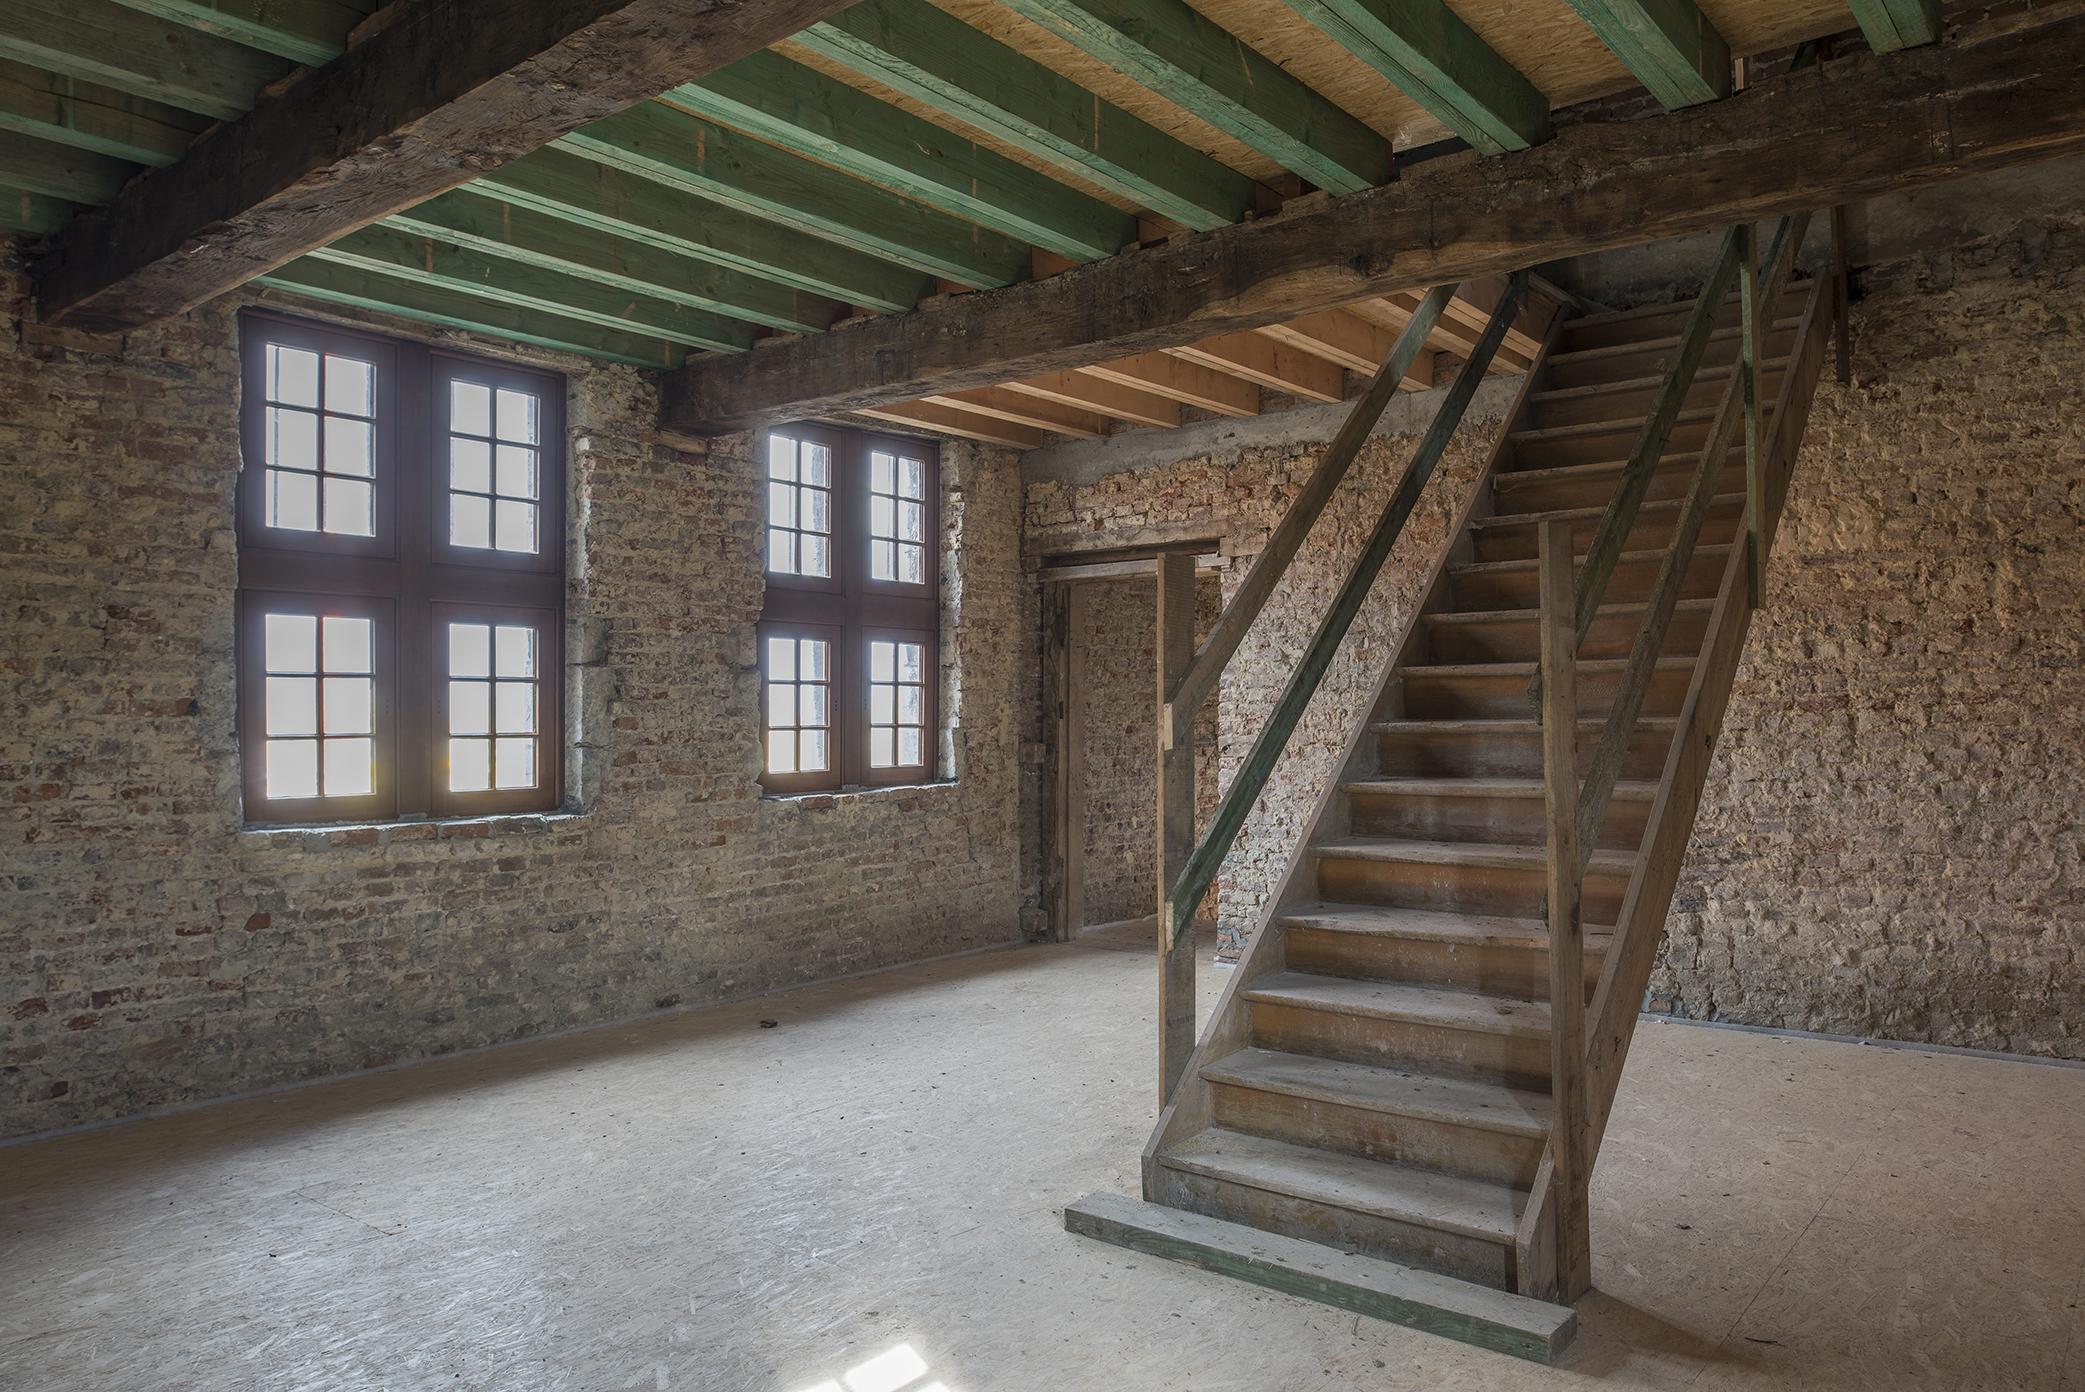 Rentmeesterij rooms 1.01 - 1.02003.jpg